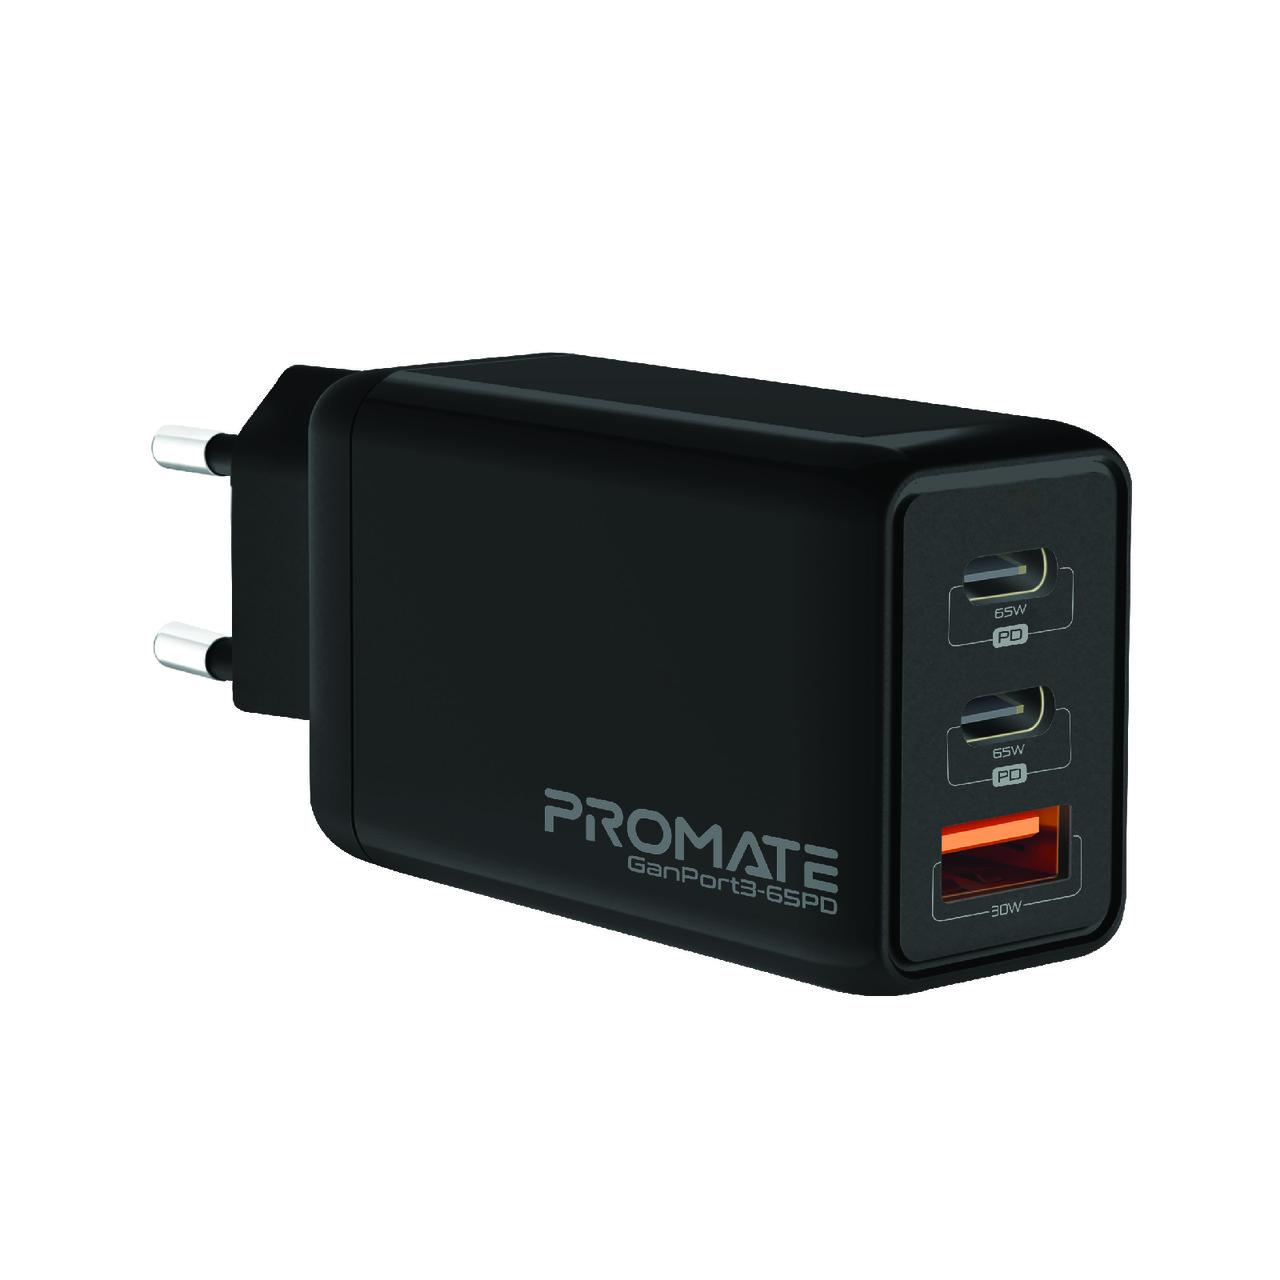 Сетевое зарядное устройство Promate GaNPort3-65PD 65 Вт, 2хUSB-C + USB-A Black